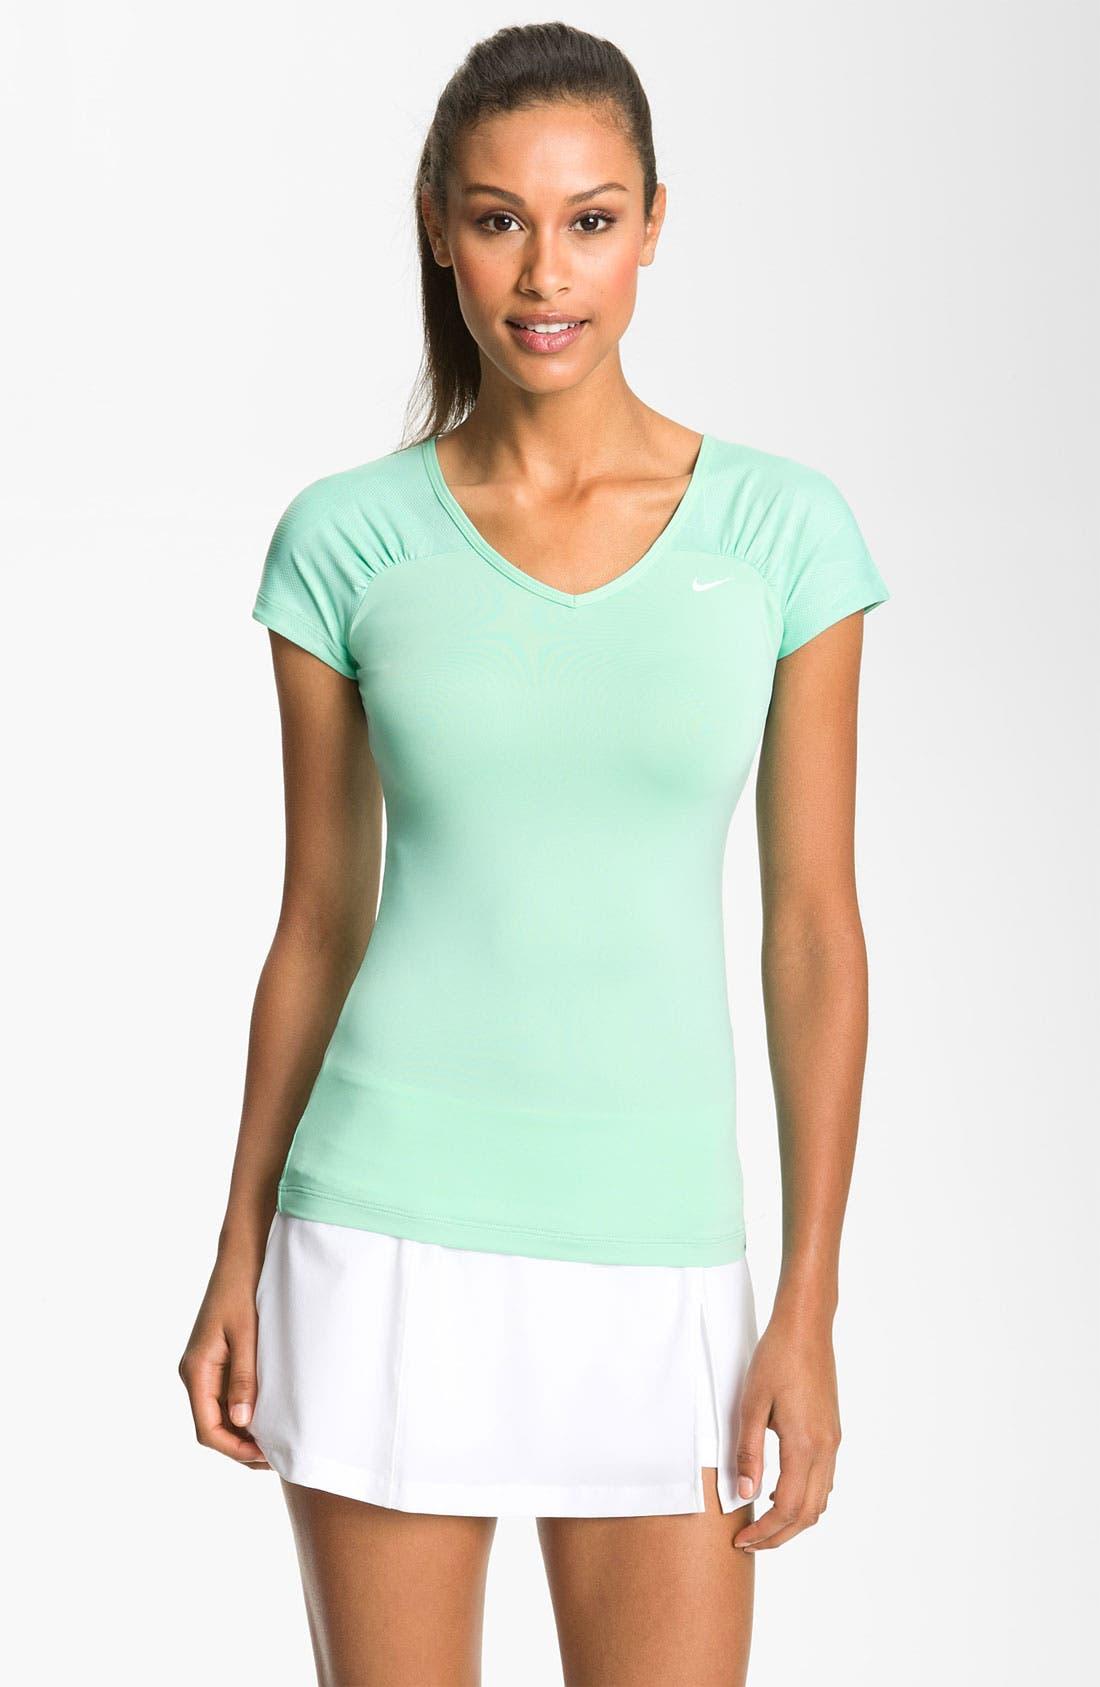 Main Image - Nike 'Tie Breaker' Tennis Top